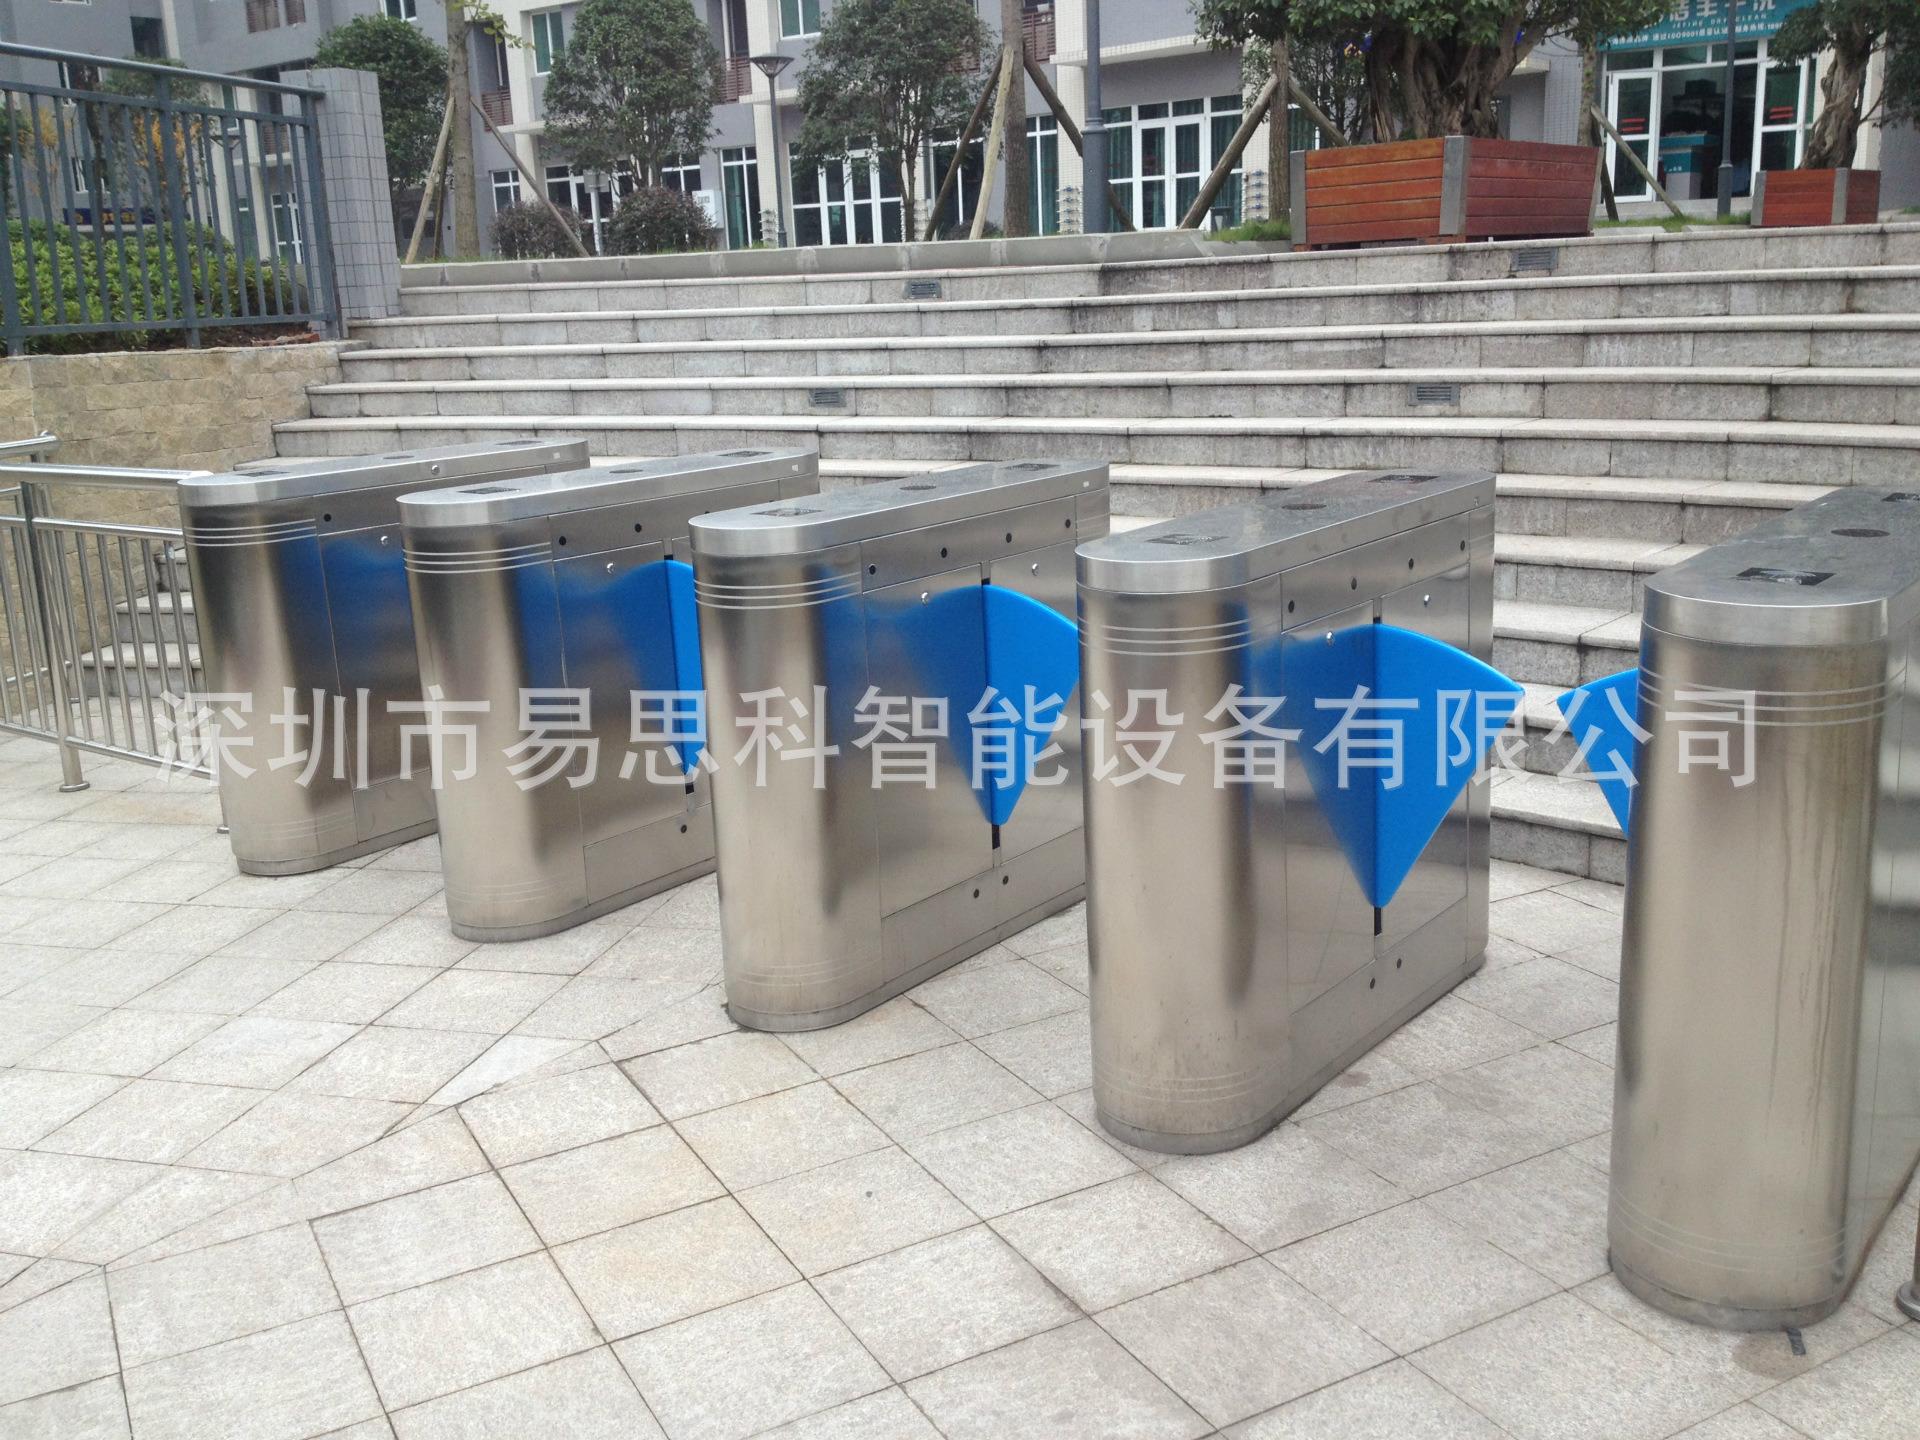 重庆机场员工家属楼通道闸项目